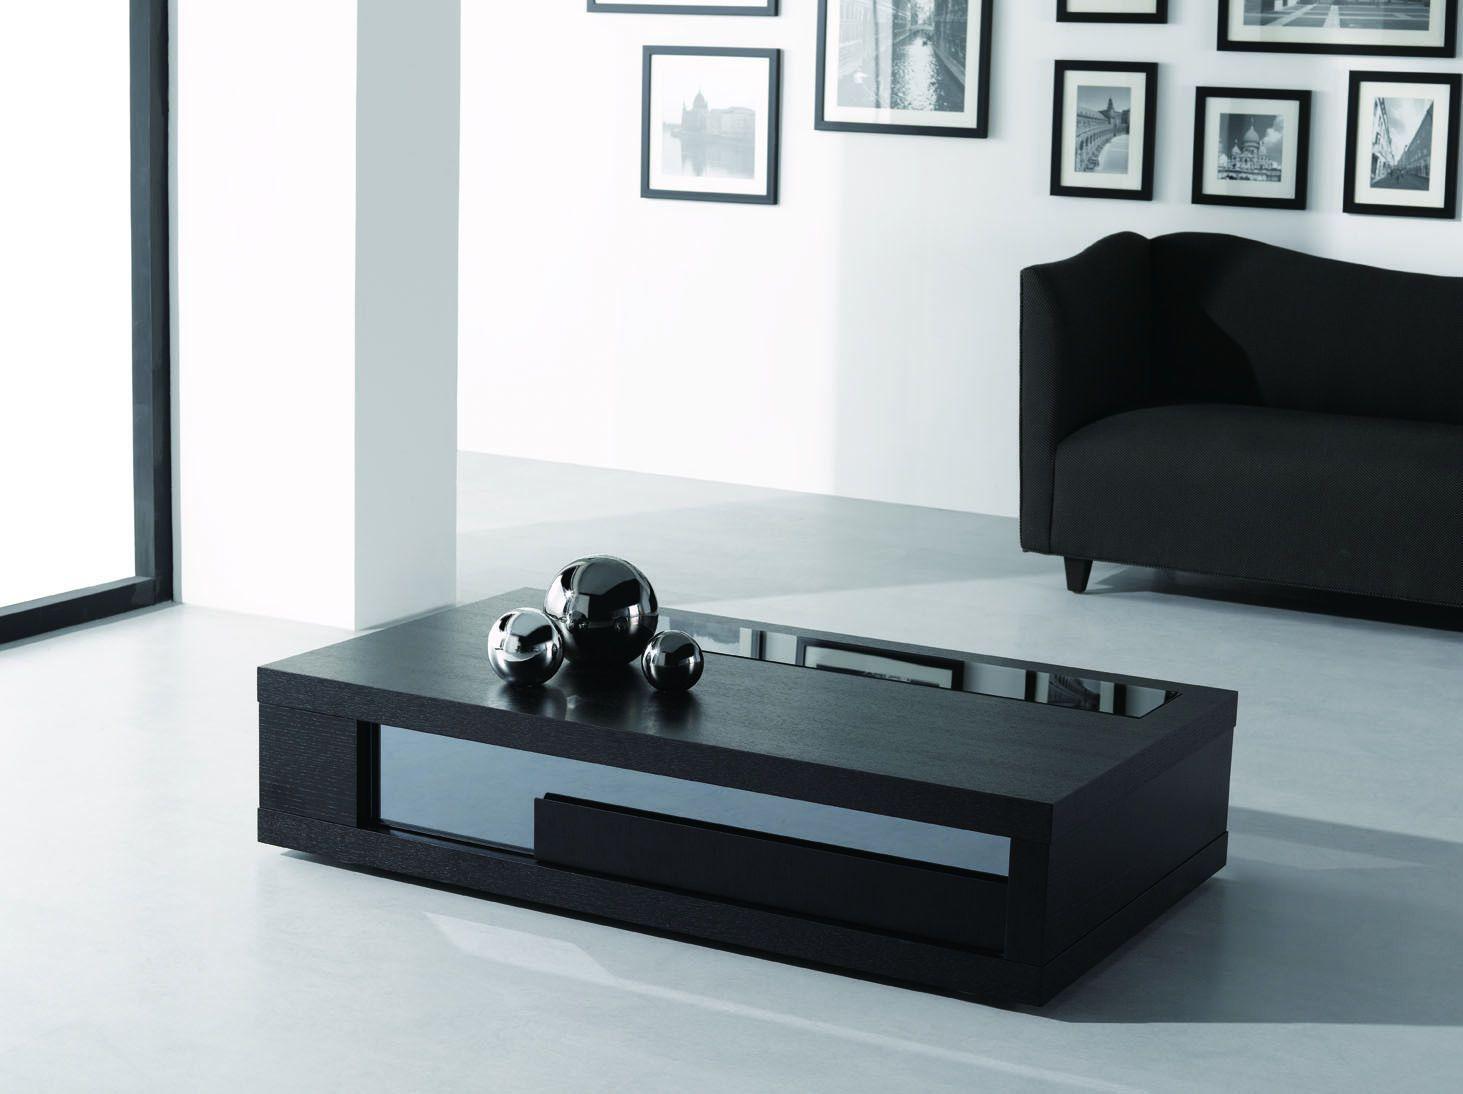 Jm900 Coffee Table 175155 J M Coffee Tables In 2021 Coffee Table Contemporary Coffee Table Modern Coffee Tables [ 1094 x 1463 Pixel ]